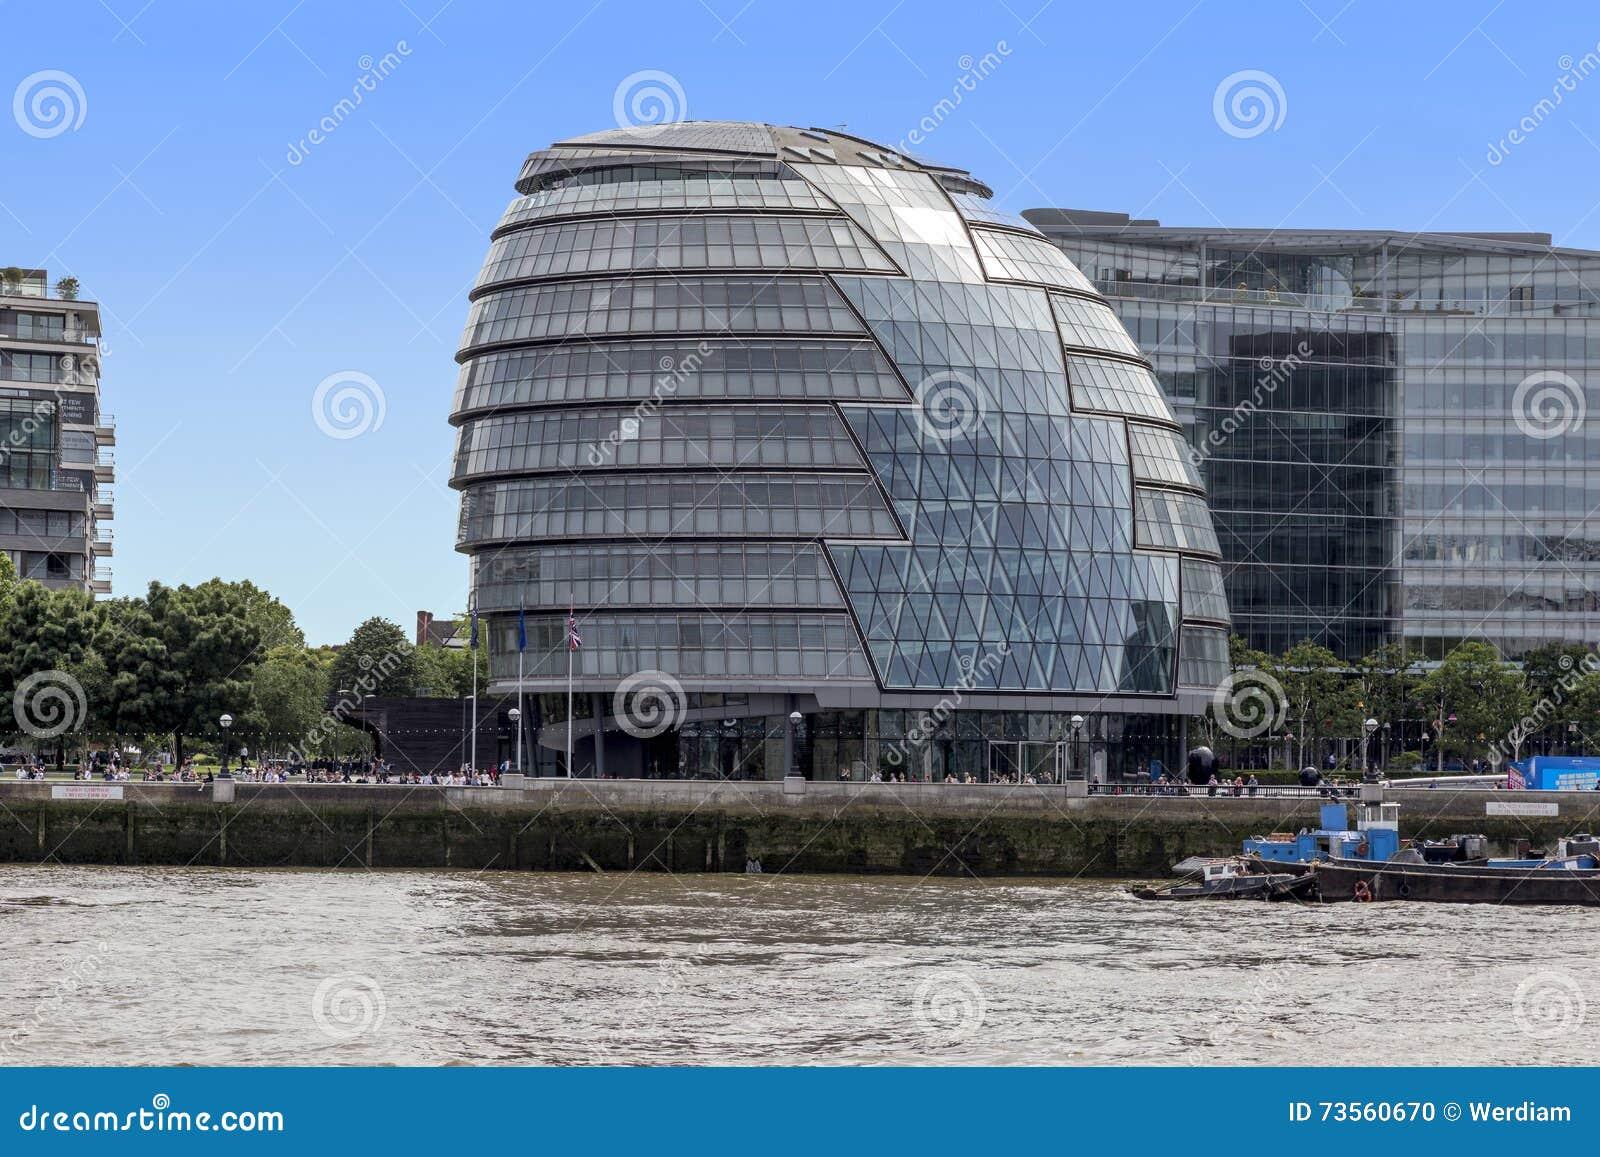 Google Hoofdkwartier Londen : Stadhuis hoofdkwartier van de instantie van groot londen